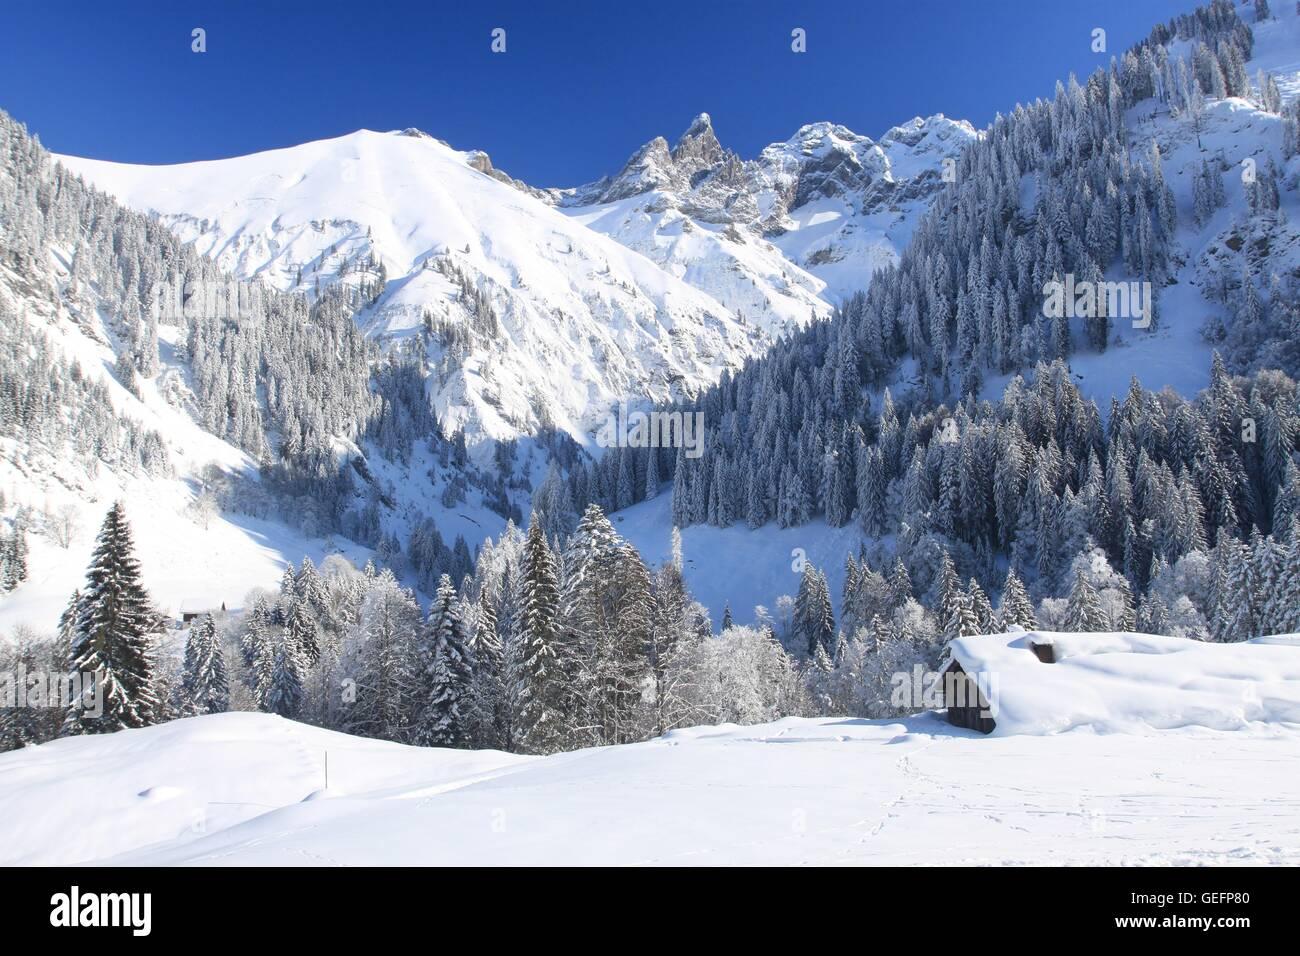 Buchenrain Alm, Stillach Valley, Allgaeu - Stock Image